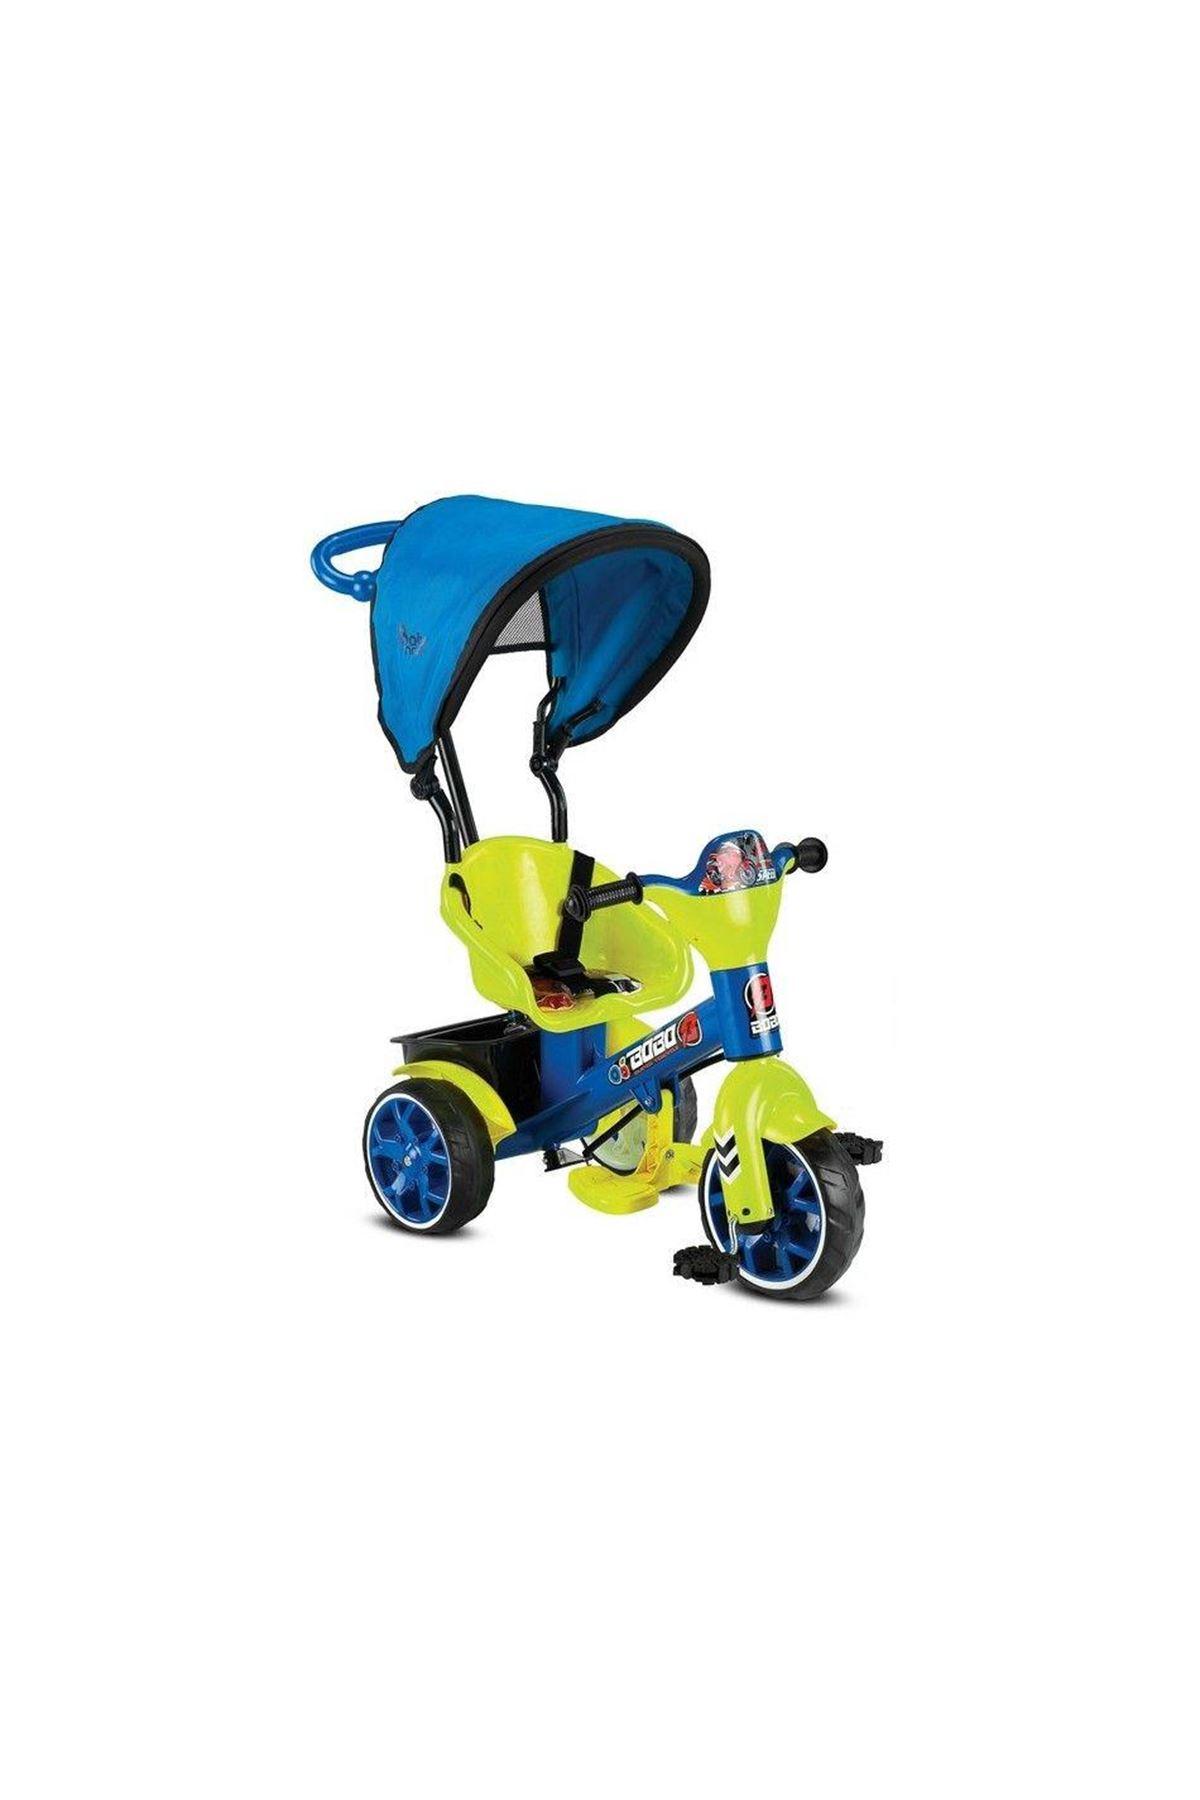 Babyhope 121 Bobo Speed Tenteli 3 Tekerli Kontrollü Bisiklet Sarı Mavi